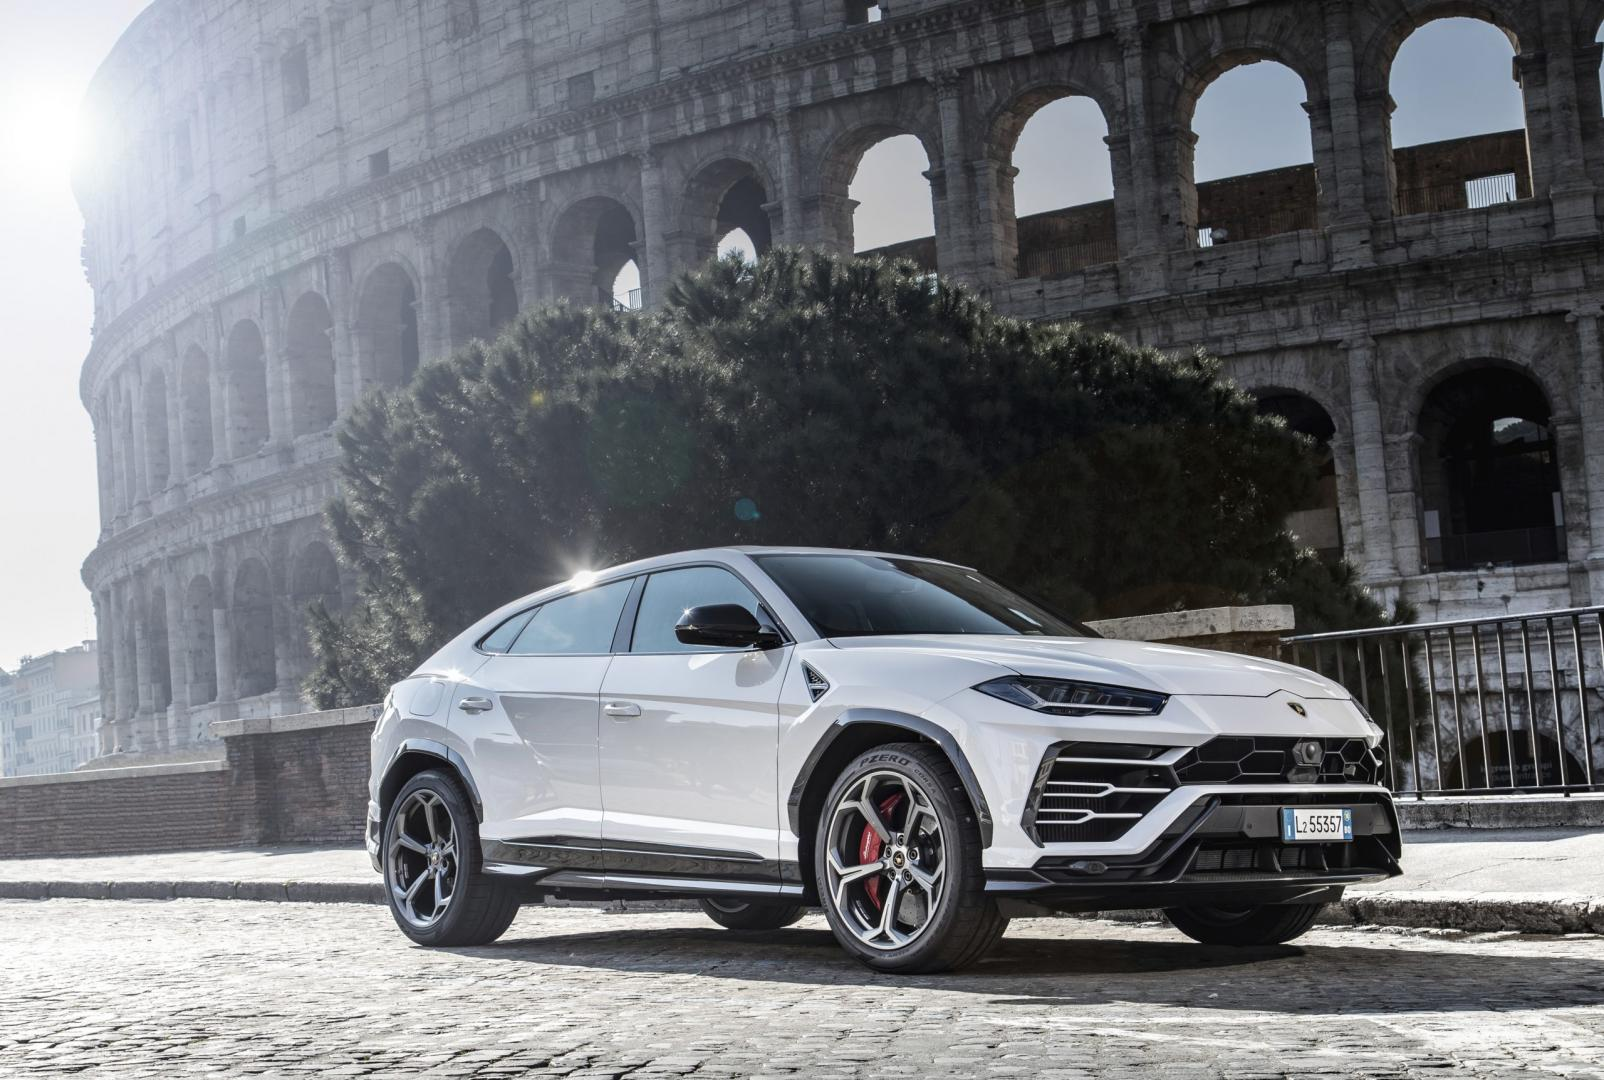 Lamborghini Urus wit in Rome bij Colosseum